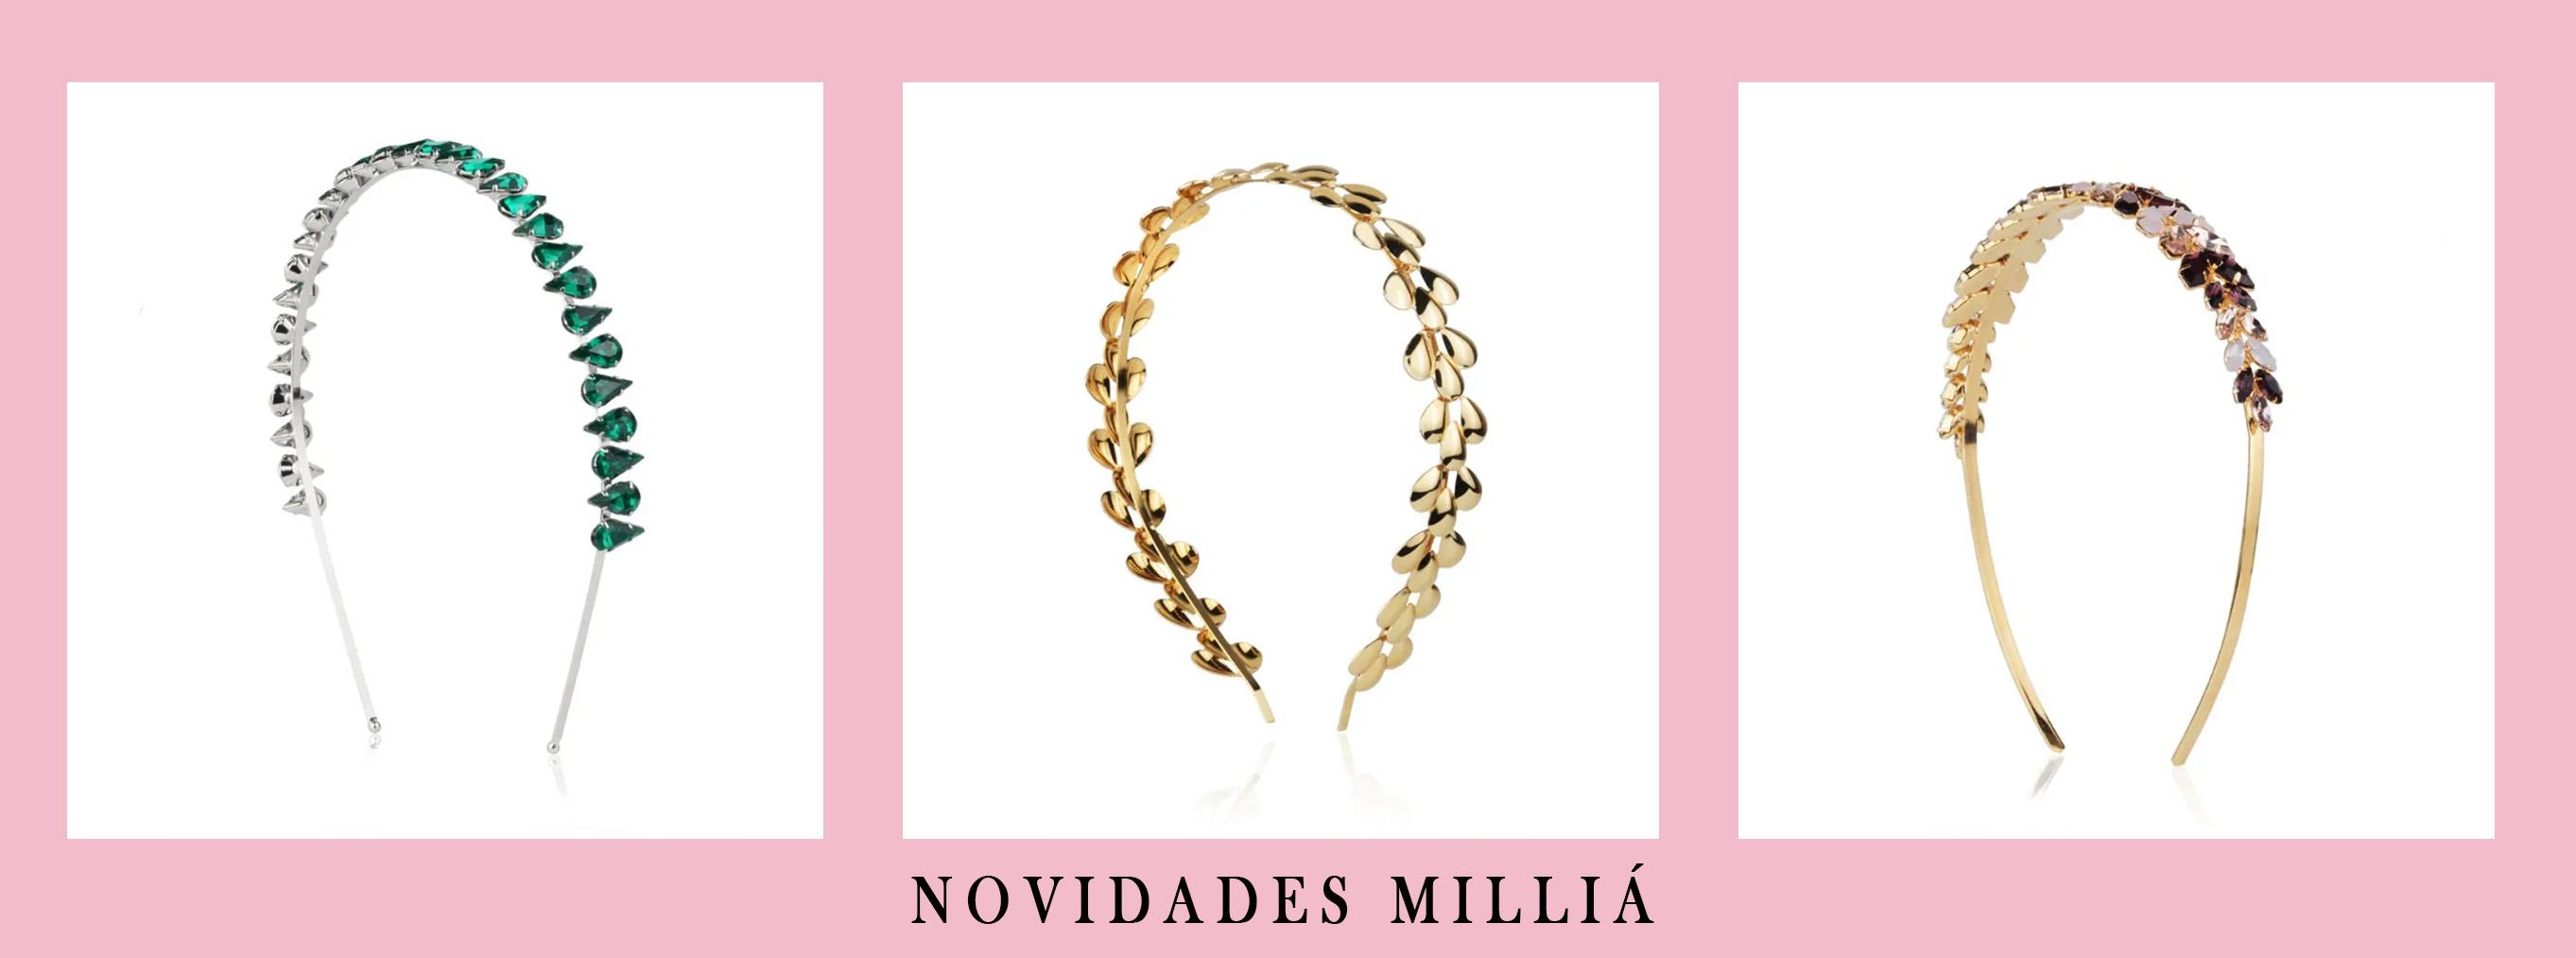 Novidades no site da Milliá